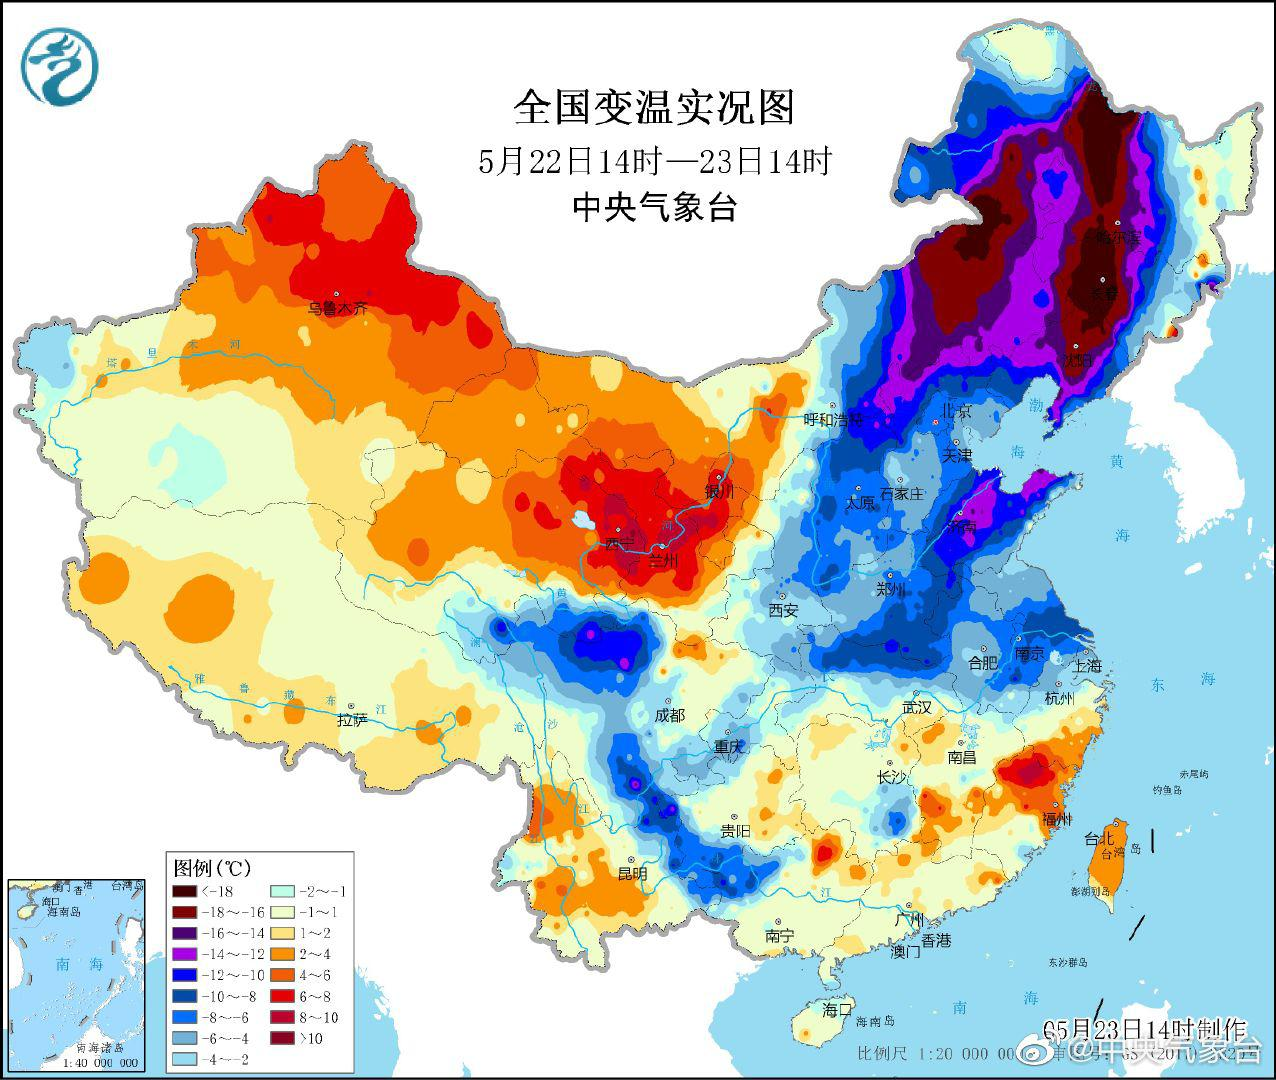 内蒙古东部、东北地区受冷空气的影响,14时的气温相较昨天大幅下